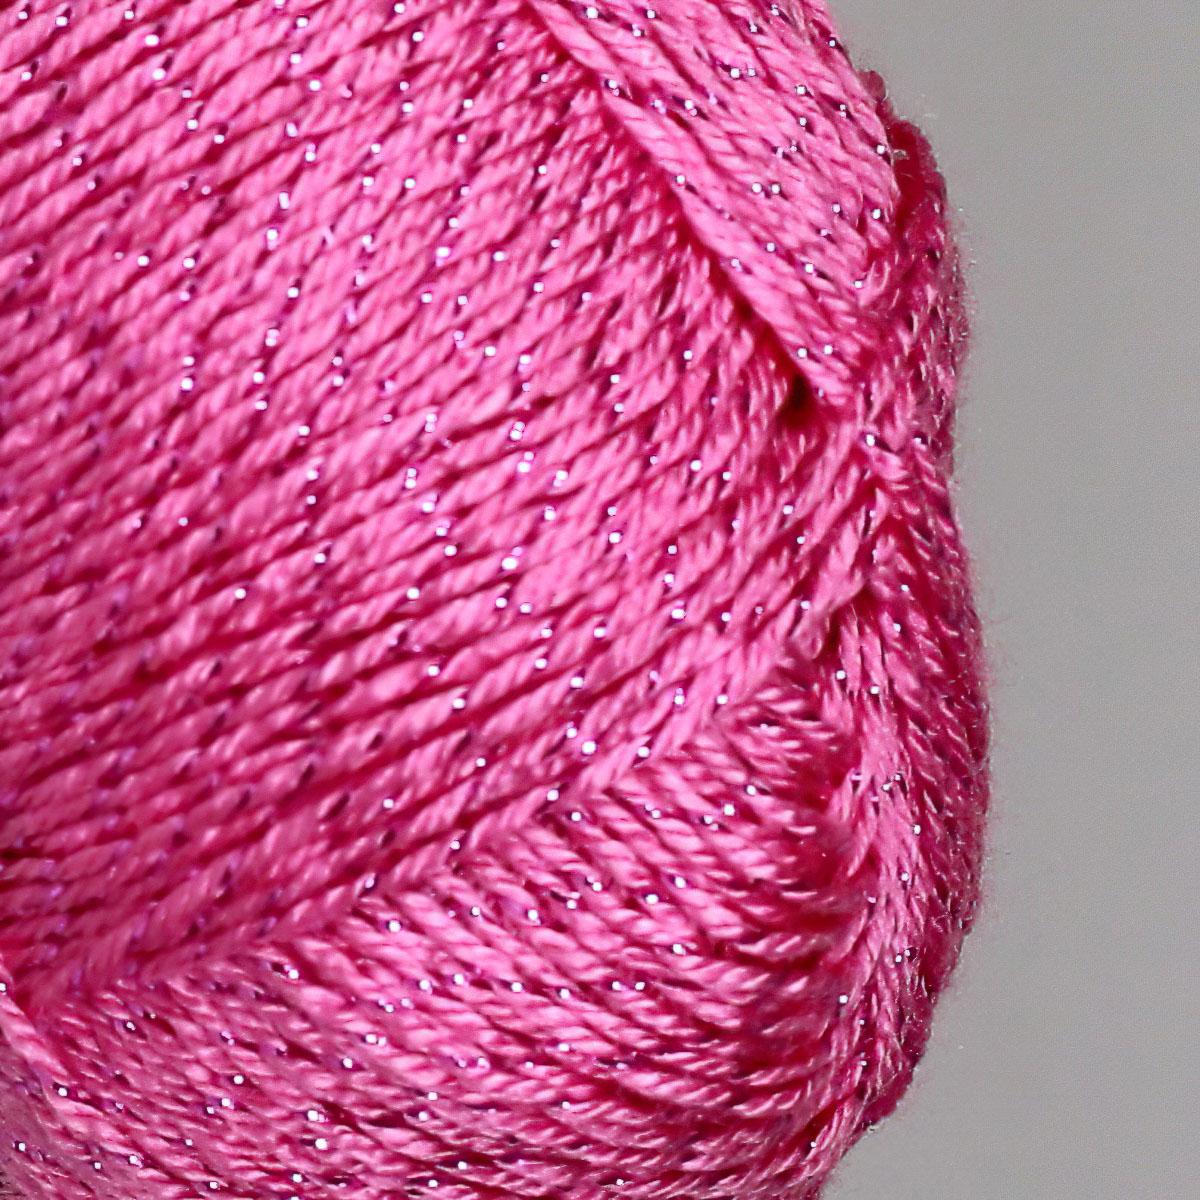 Pletací / háčkovací příze ALIZE FOREVER SIMLI 39 růžová, efektní, 50g/280m